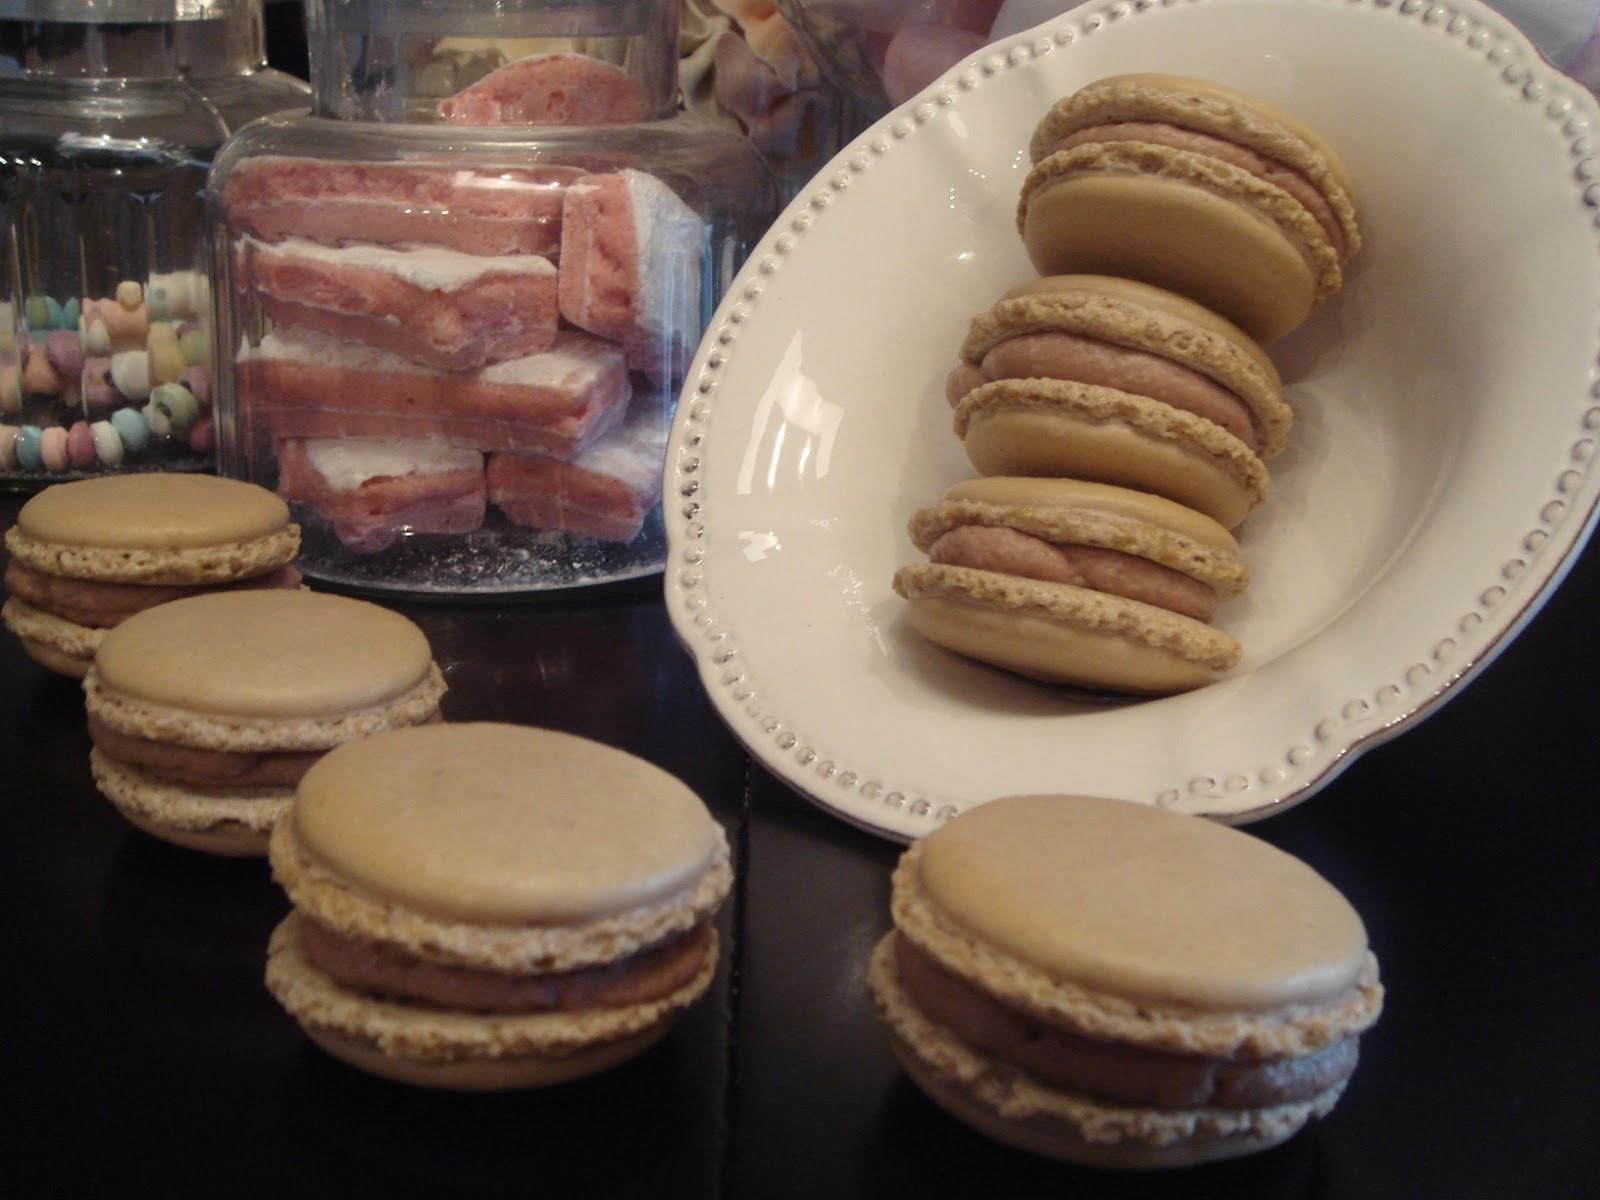 Exceptionnel Les recettes d'Emilie: Macarons au Kinder DE78